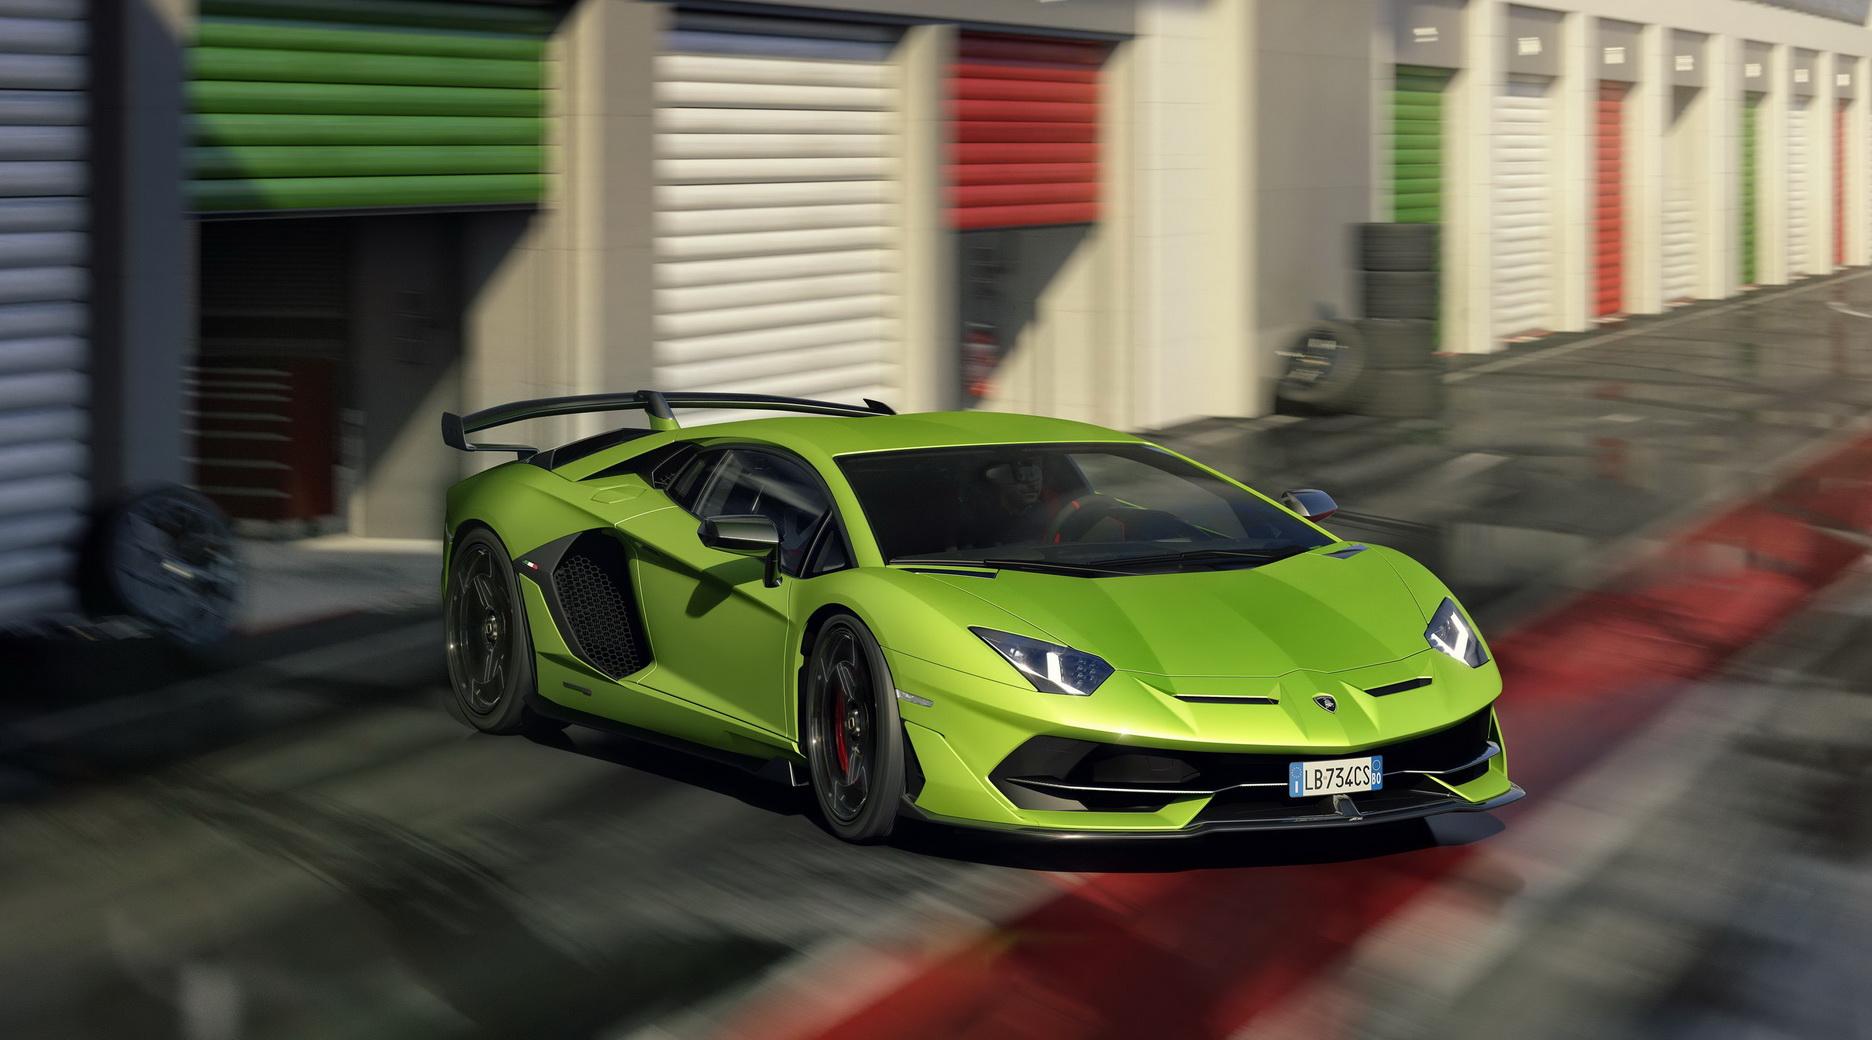 El Lamborghini Aventador SVJ a revisión: puede dejarte encerrado en su interior